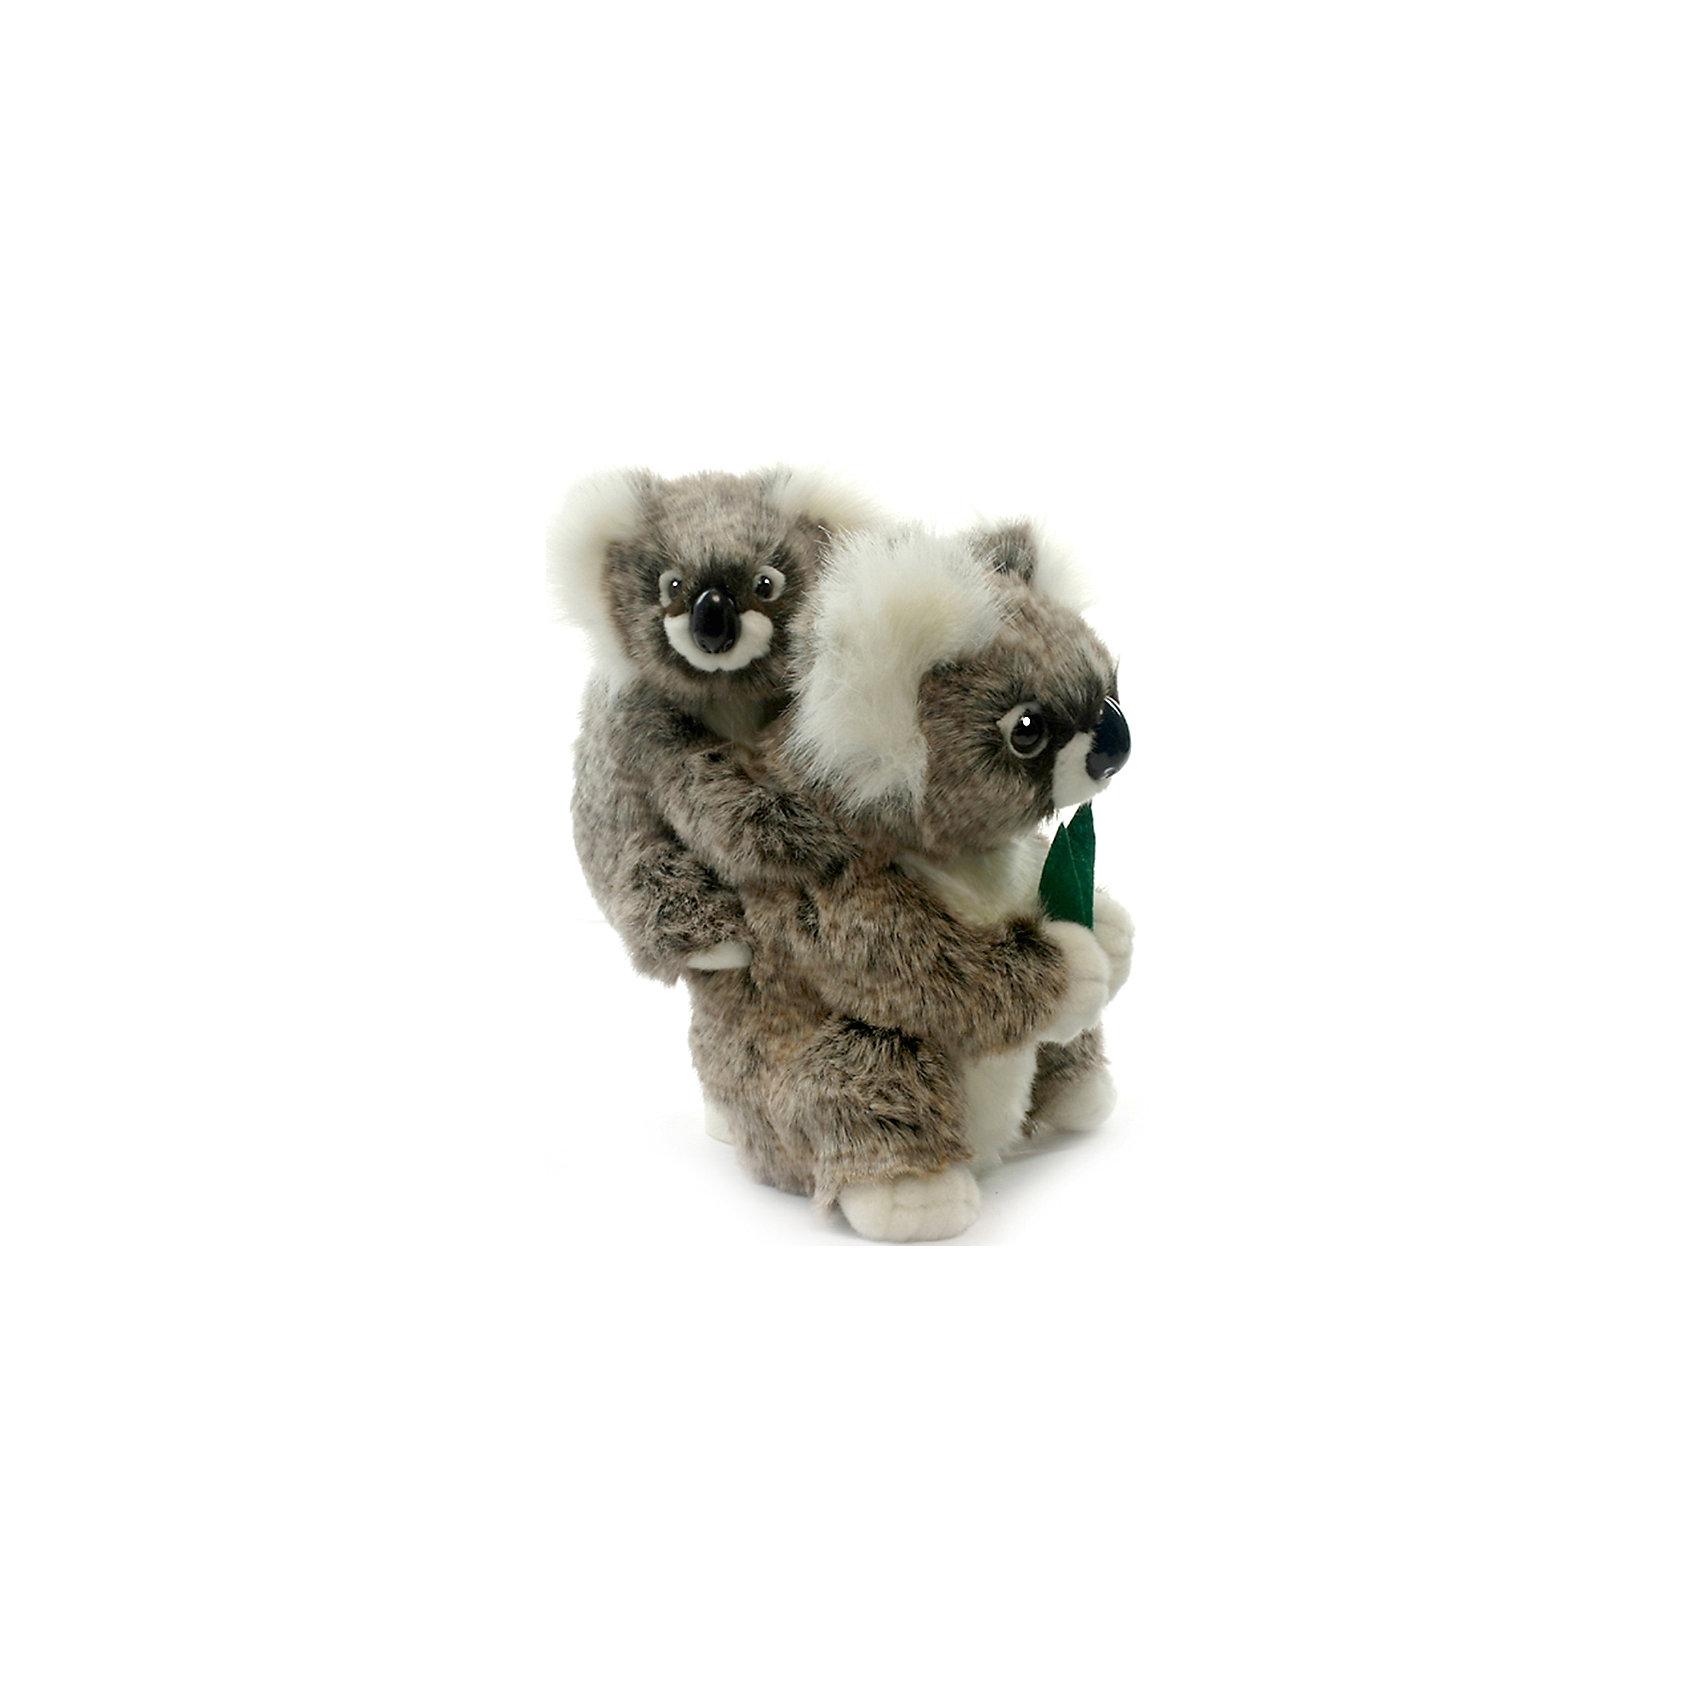 Коала с детенышем, 28 смМягкие игрушки животные<br>Коала с детенышем, 28 см – игрушка от знаменитого бренда Hansa, специализирующегося на выпуске мягких игрушек с высокой степенью натуралистичности. Внешний вид игрушки полностью соответствует своему реальному прототипу – коале. Она выполнена из искусственного меха с ворсом средней длины меланжевого окраса. На спине у мамы-коалы силит детеныш  детеныш. Использованные материалы обладают гипоаллергенными свойствами. Внутри игрушки имеется металлический каркас, позволяющий изменять положение. <br>Игрушка относится к серии Дикие животные. <br>Мягкие игрушки от Hansa подходят для сюжетно-ролевых игр, для обучающих игр, направленных на знакомство с животным миром дикой природы. Кроме того, их можно использовать в качестве интерьерных игрушек. Коллекция из нескольких игрушек позволяет создать свой домашний зоопарк, который будет радовать вашего ребенка долгое время, так как ручная работа и качественные материалы гарантируют их долговечность и прочность.<br><br>Дополнительная информация:<br><br>- Вид игр: сюжетно-ролевые игры, коллекционирование, интерьерные игрушки<br>- Предназначение: для дома, для детских развивающих центров, для детских садов<br>- Материал: искусственный мех, наполнитель ? полиэфирное волокно<br>- Размер (ДхШхВ): 18*28*17 см<br>- Вес: 840 г<br>- Особенности ухода: сухая чистка при помощи пылесоса или щетки для одежды<br><br>Подробнее:<br><br>• Для детей в возрасте: от 3 лет <br>• Страна производитель: Филиппины<br>• Торговый бренд: Hansa<br><br>Коалу с детенышем, 28 см можно купить в нашем интернет-магазине.<br><br>Ширина мм: 18<br>Глубина мм: 28<br>Высота мм: 17<br>Вес г: 1150<br>Возраст от месяцев: 36<br>Возраст до месяцев: 2147483647<br>Пол: Унисекс<br>Возраст: Детский<br>SKU: 4927141